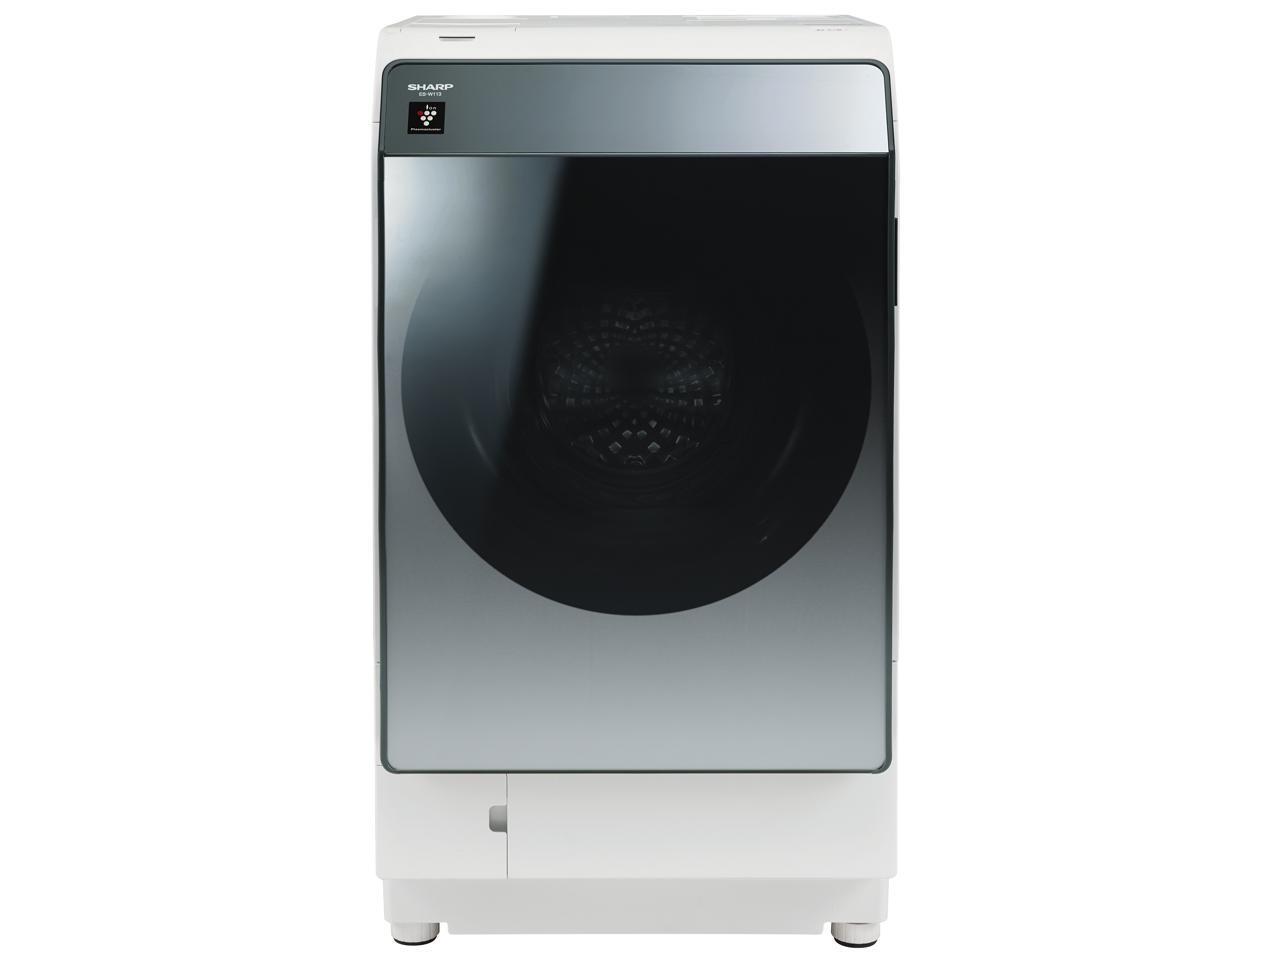 『本体 正面』 ES-W113-SL の製品画像